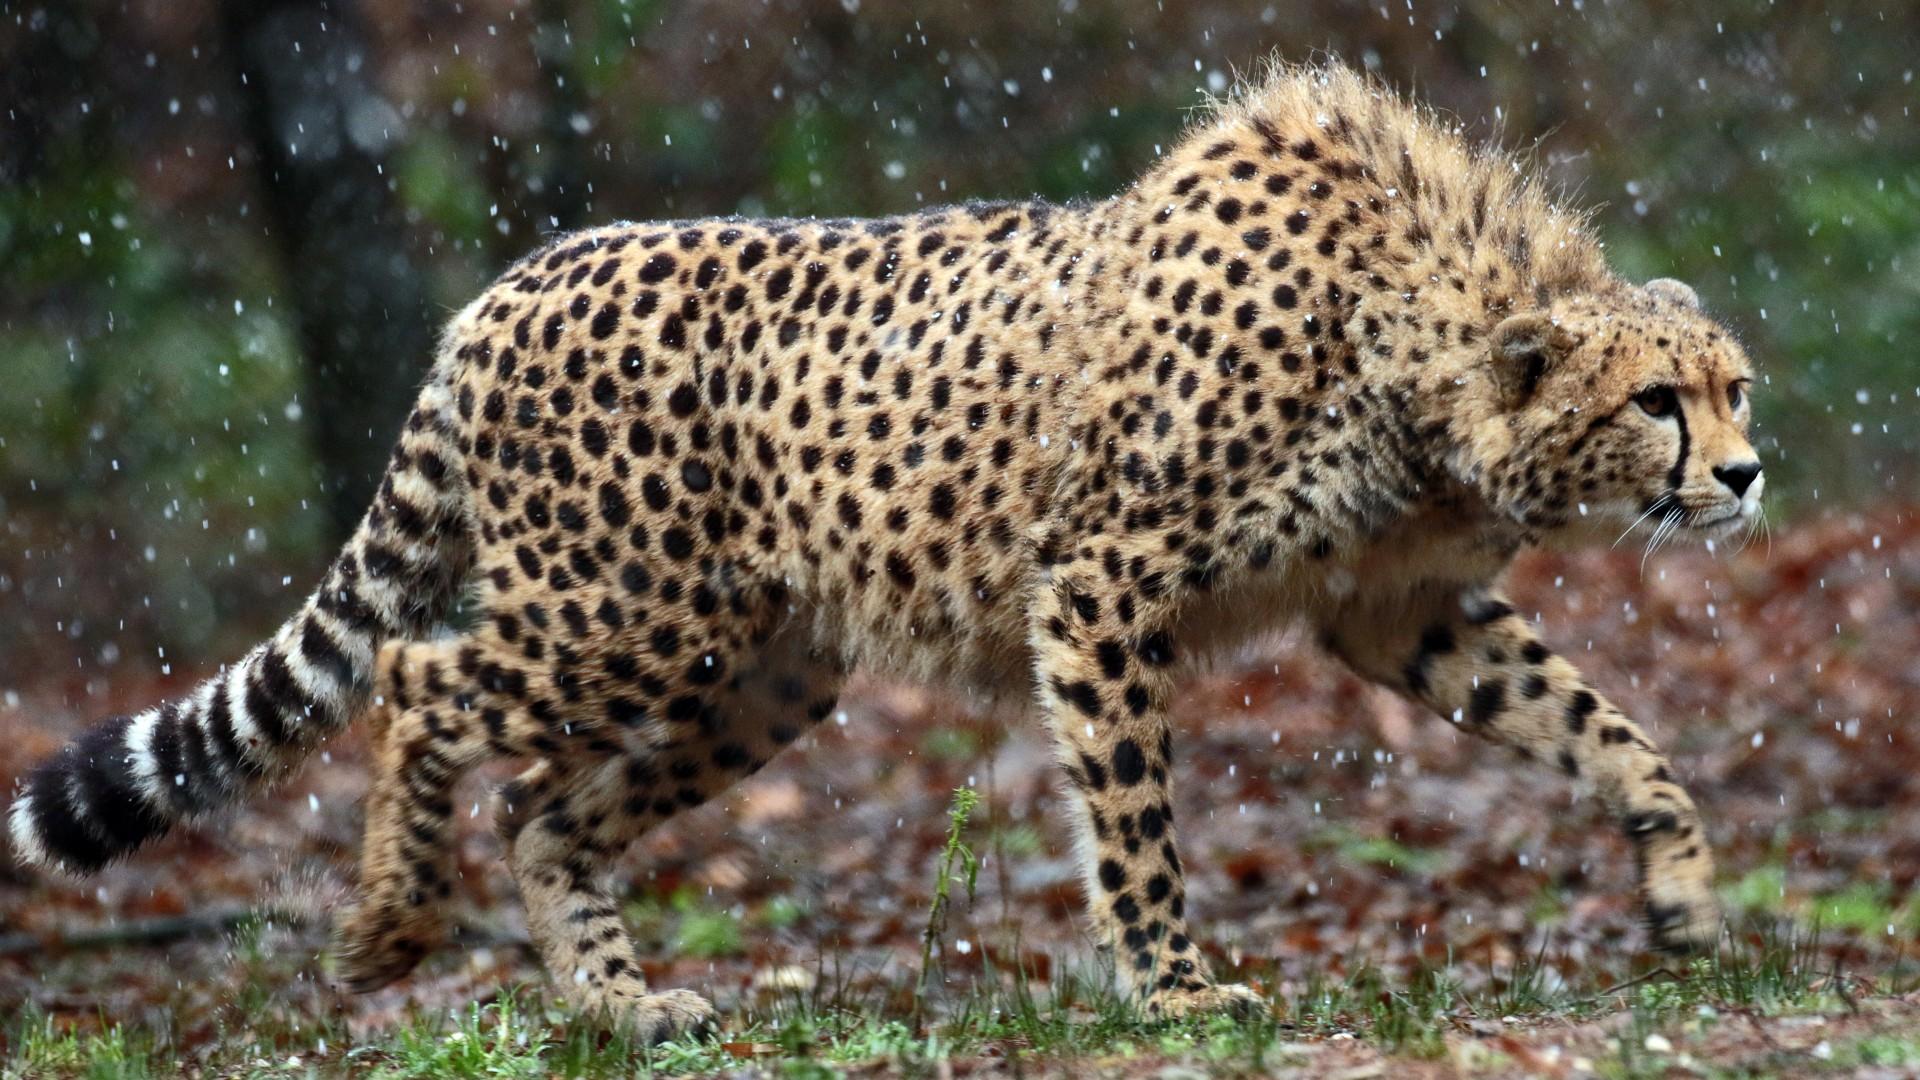 Hd Cheetah Wallpaper Free Download For Phone And Desktop Iphone 7